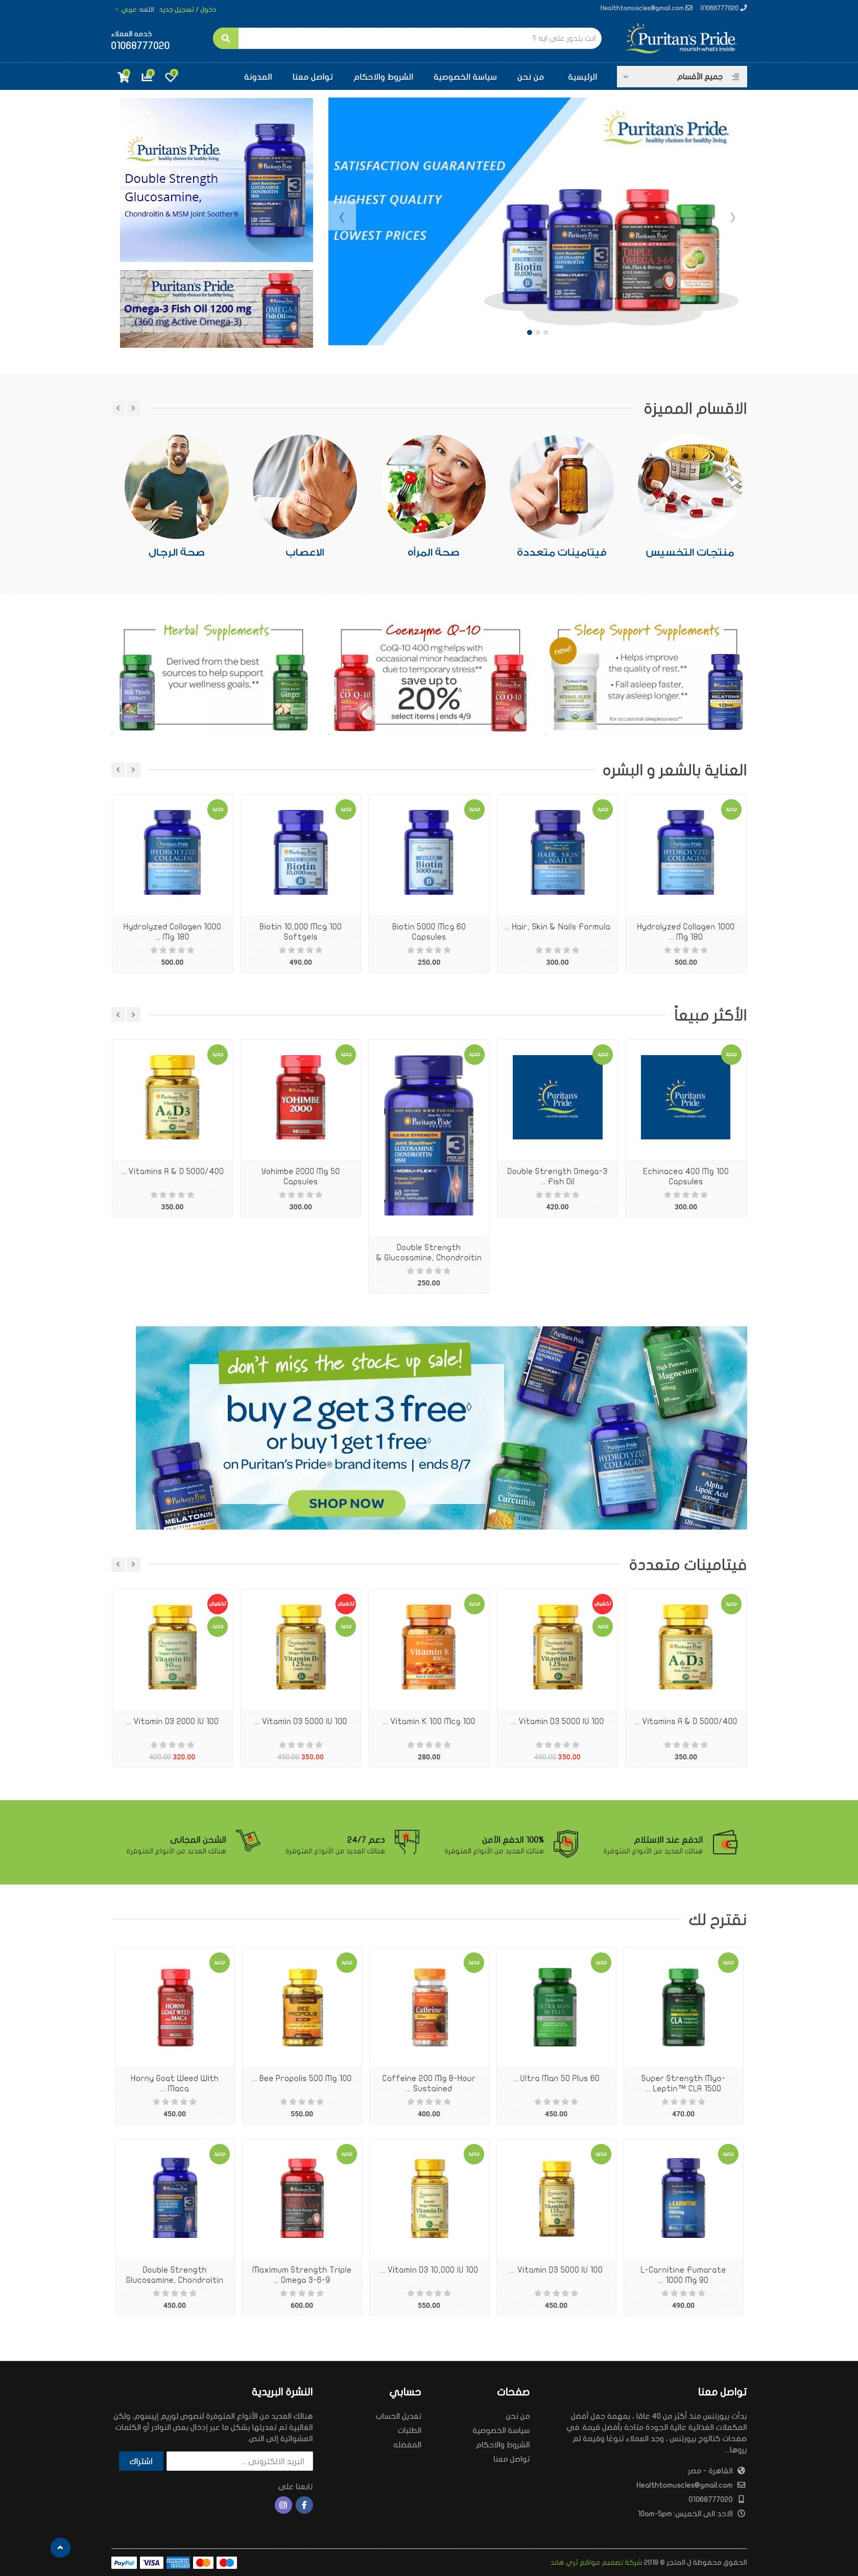 فيتامينات-و-مكملات-عشبية-مخفضة-من-بيورتنس-برايد-مصر (1)